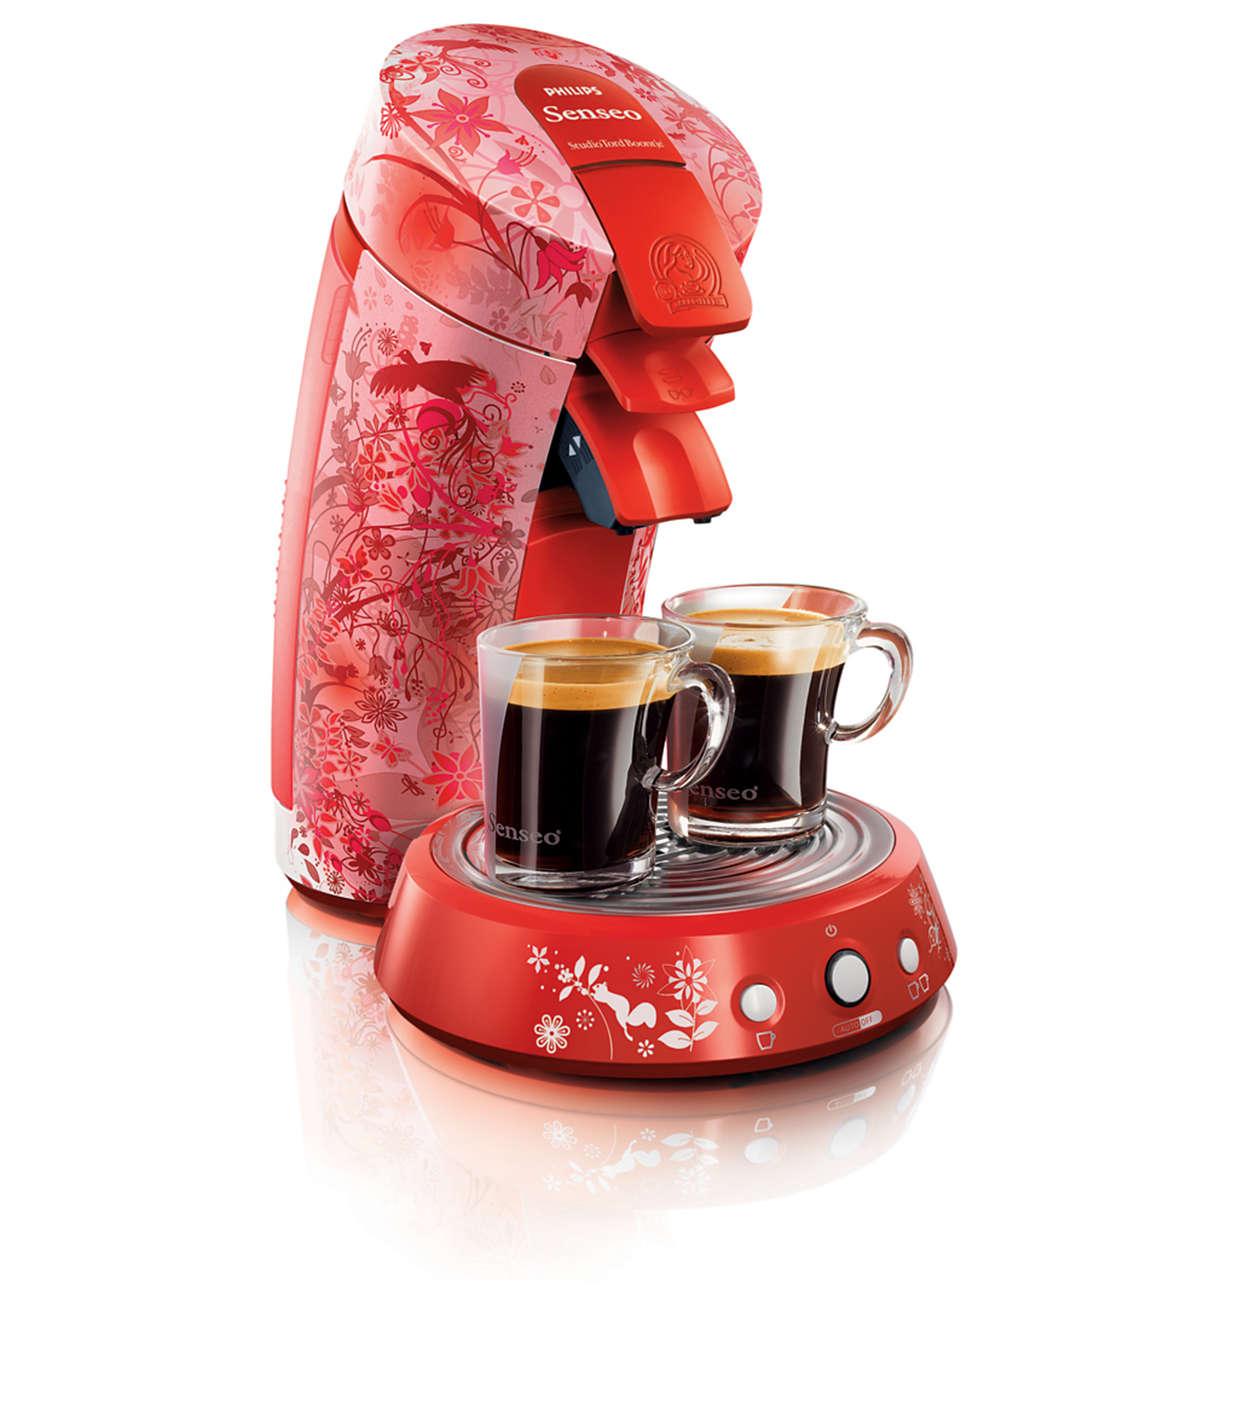 Neįtikėtinai šviežia kava!